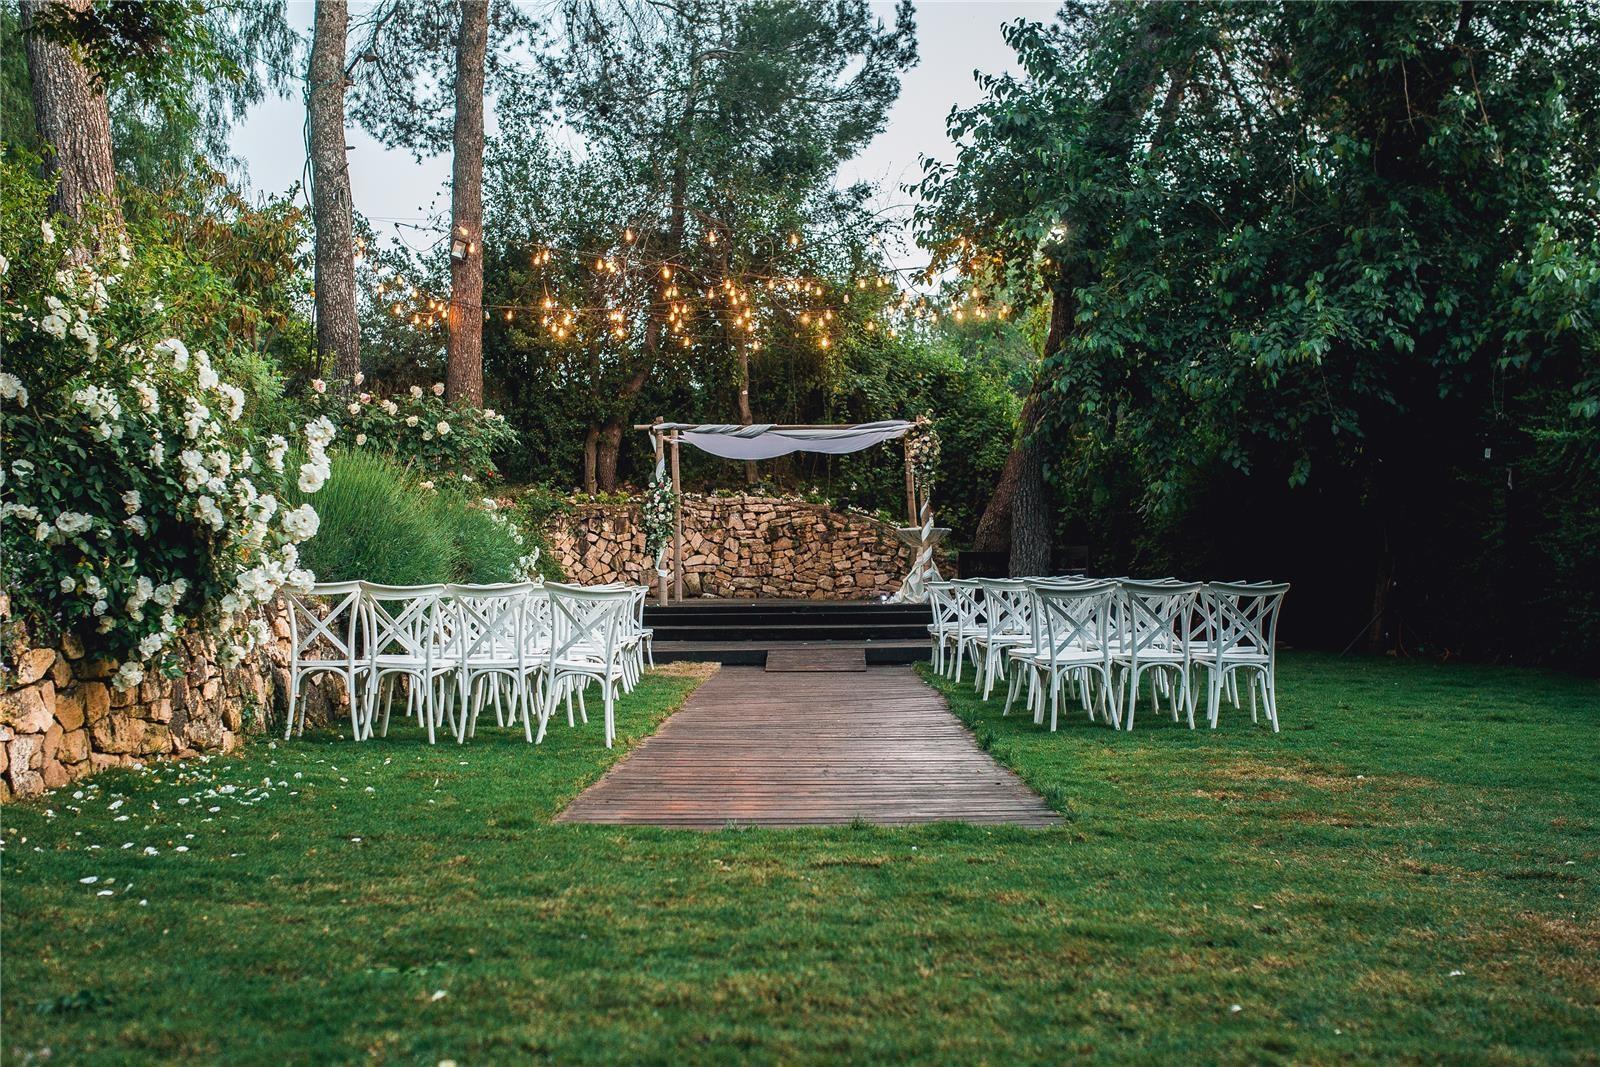 גן אירועים עין חמד (צילום: באדיבות המקום)